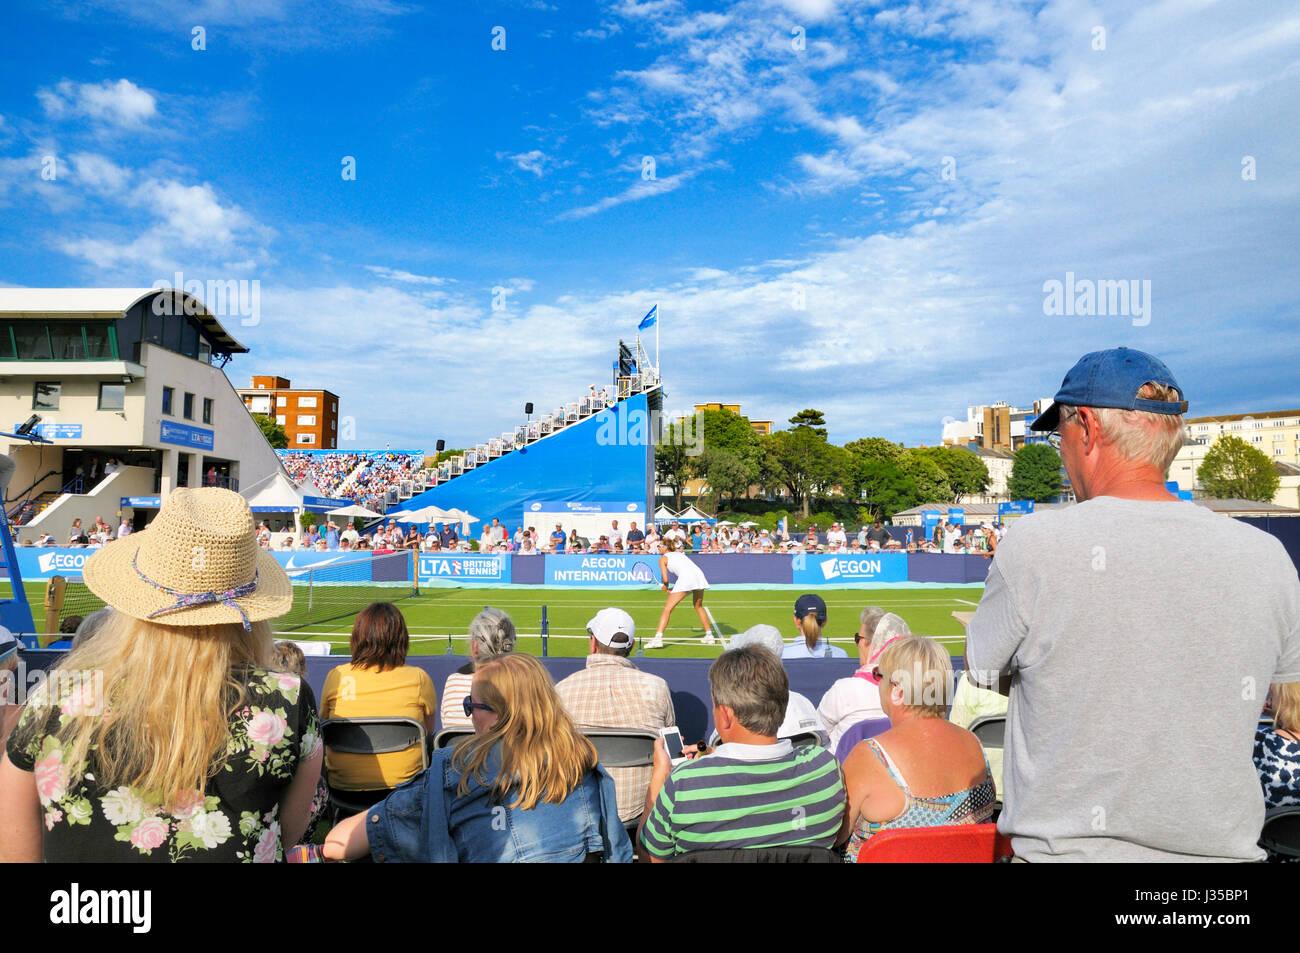 Aegon International Tennis Championships, le Devonshire Park, Eastbourne, East Sussex, England, UK Banque D'Images